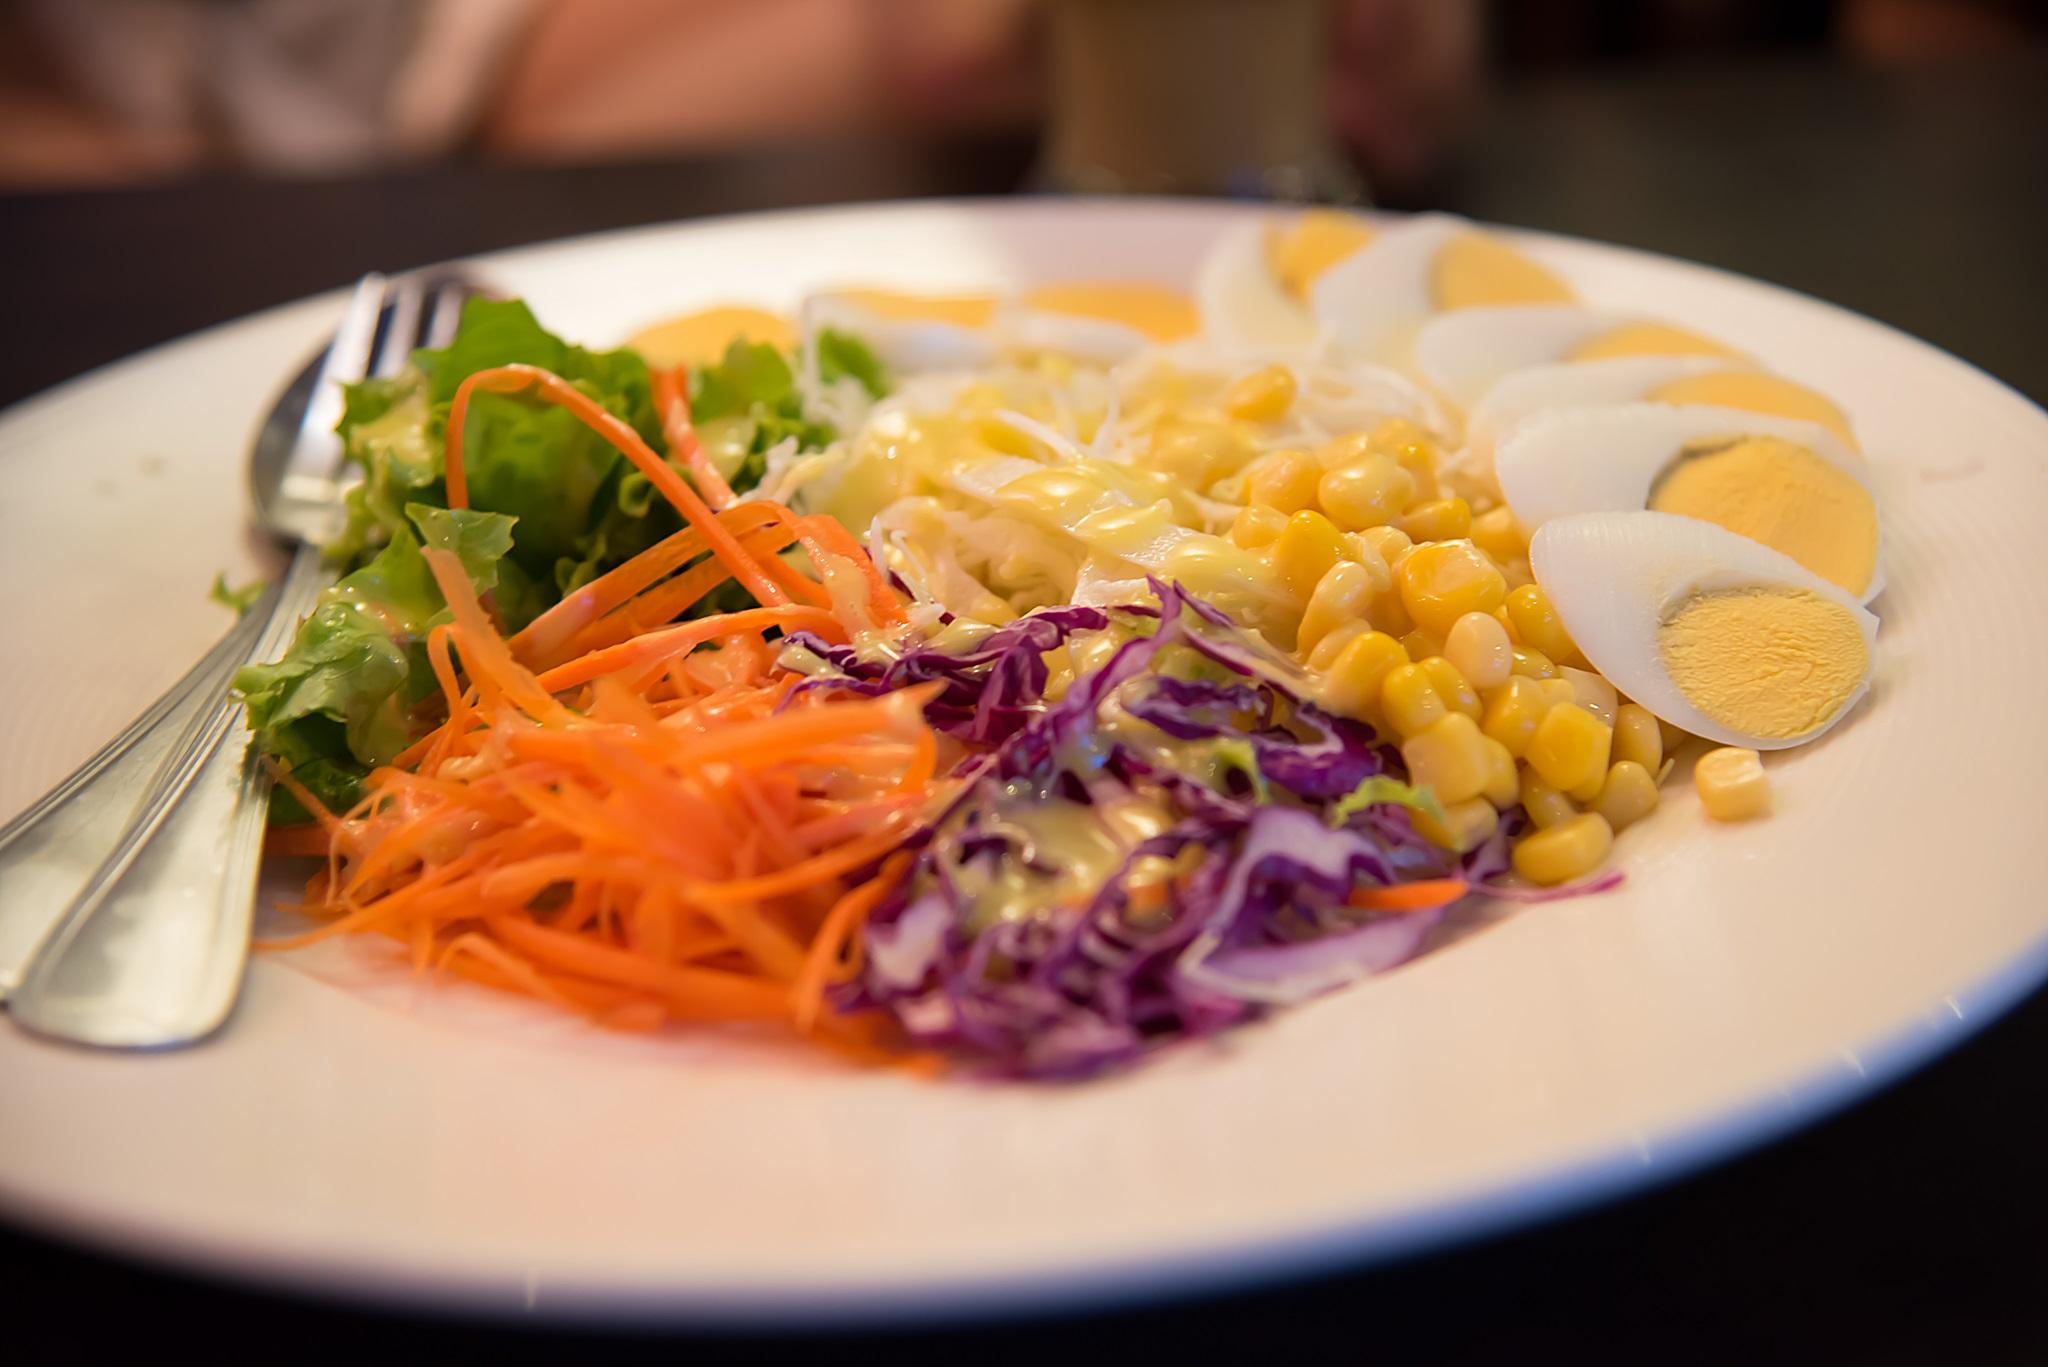 ที่จริงการทานนมอาหารที่คลีน ๆ ก็ดีต่อสุขภาพนะ